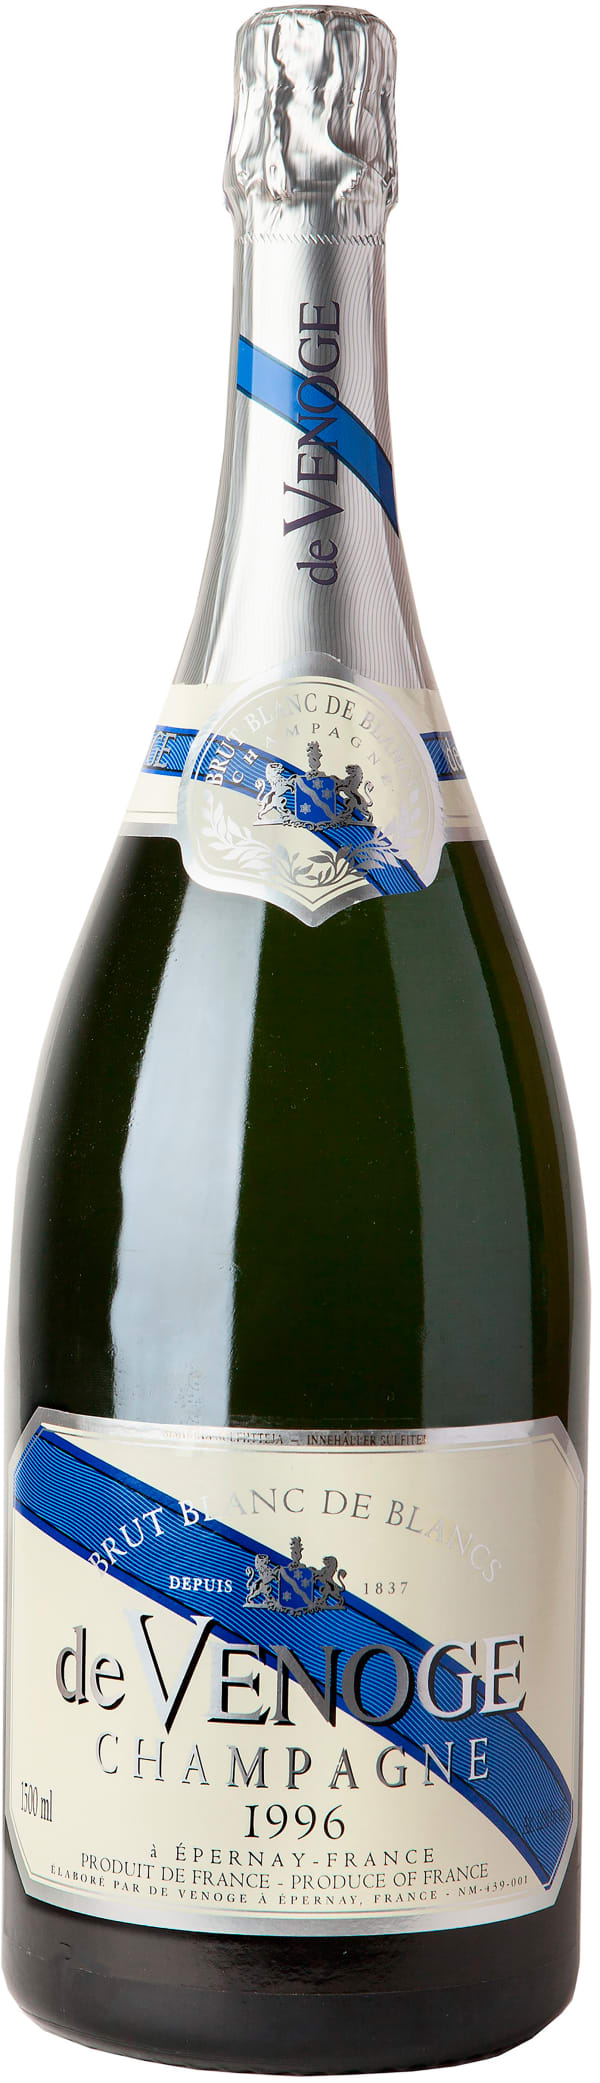 de Venoge Blanc de Blancs Champagne Brut MGM 1996